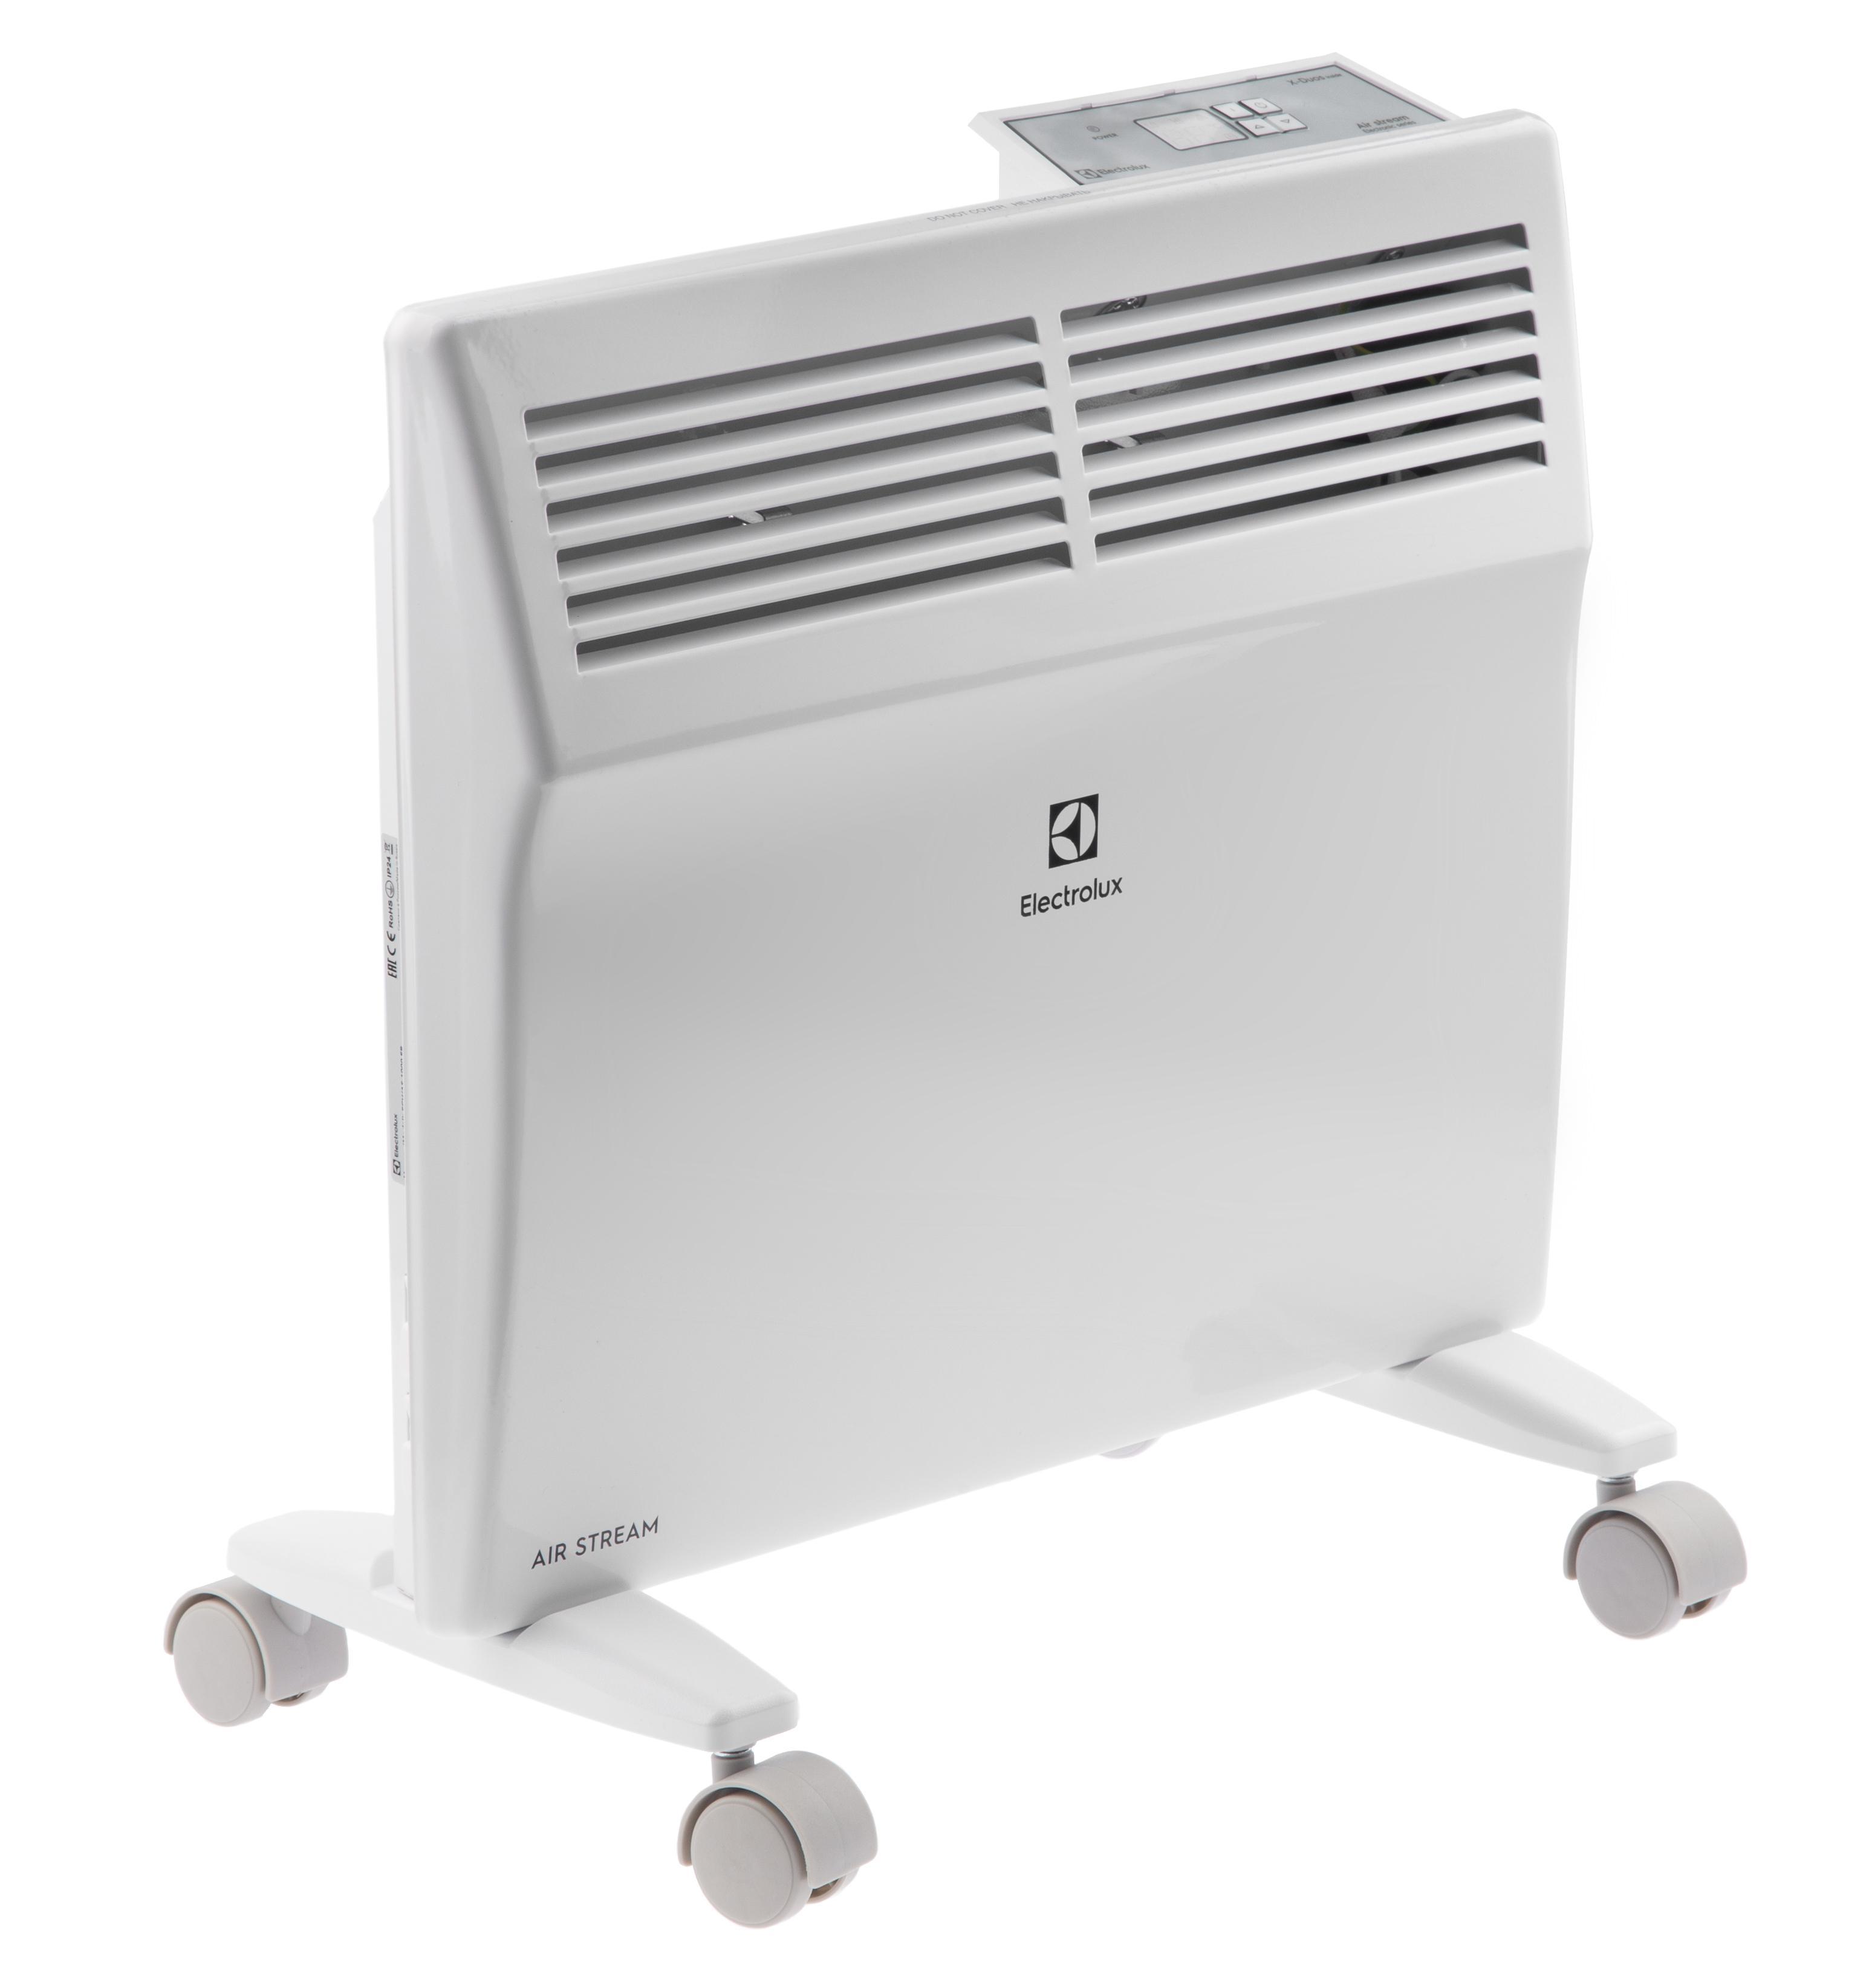 Конвектор Electrolux Ech/as -1000 er